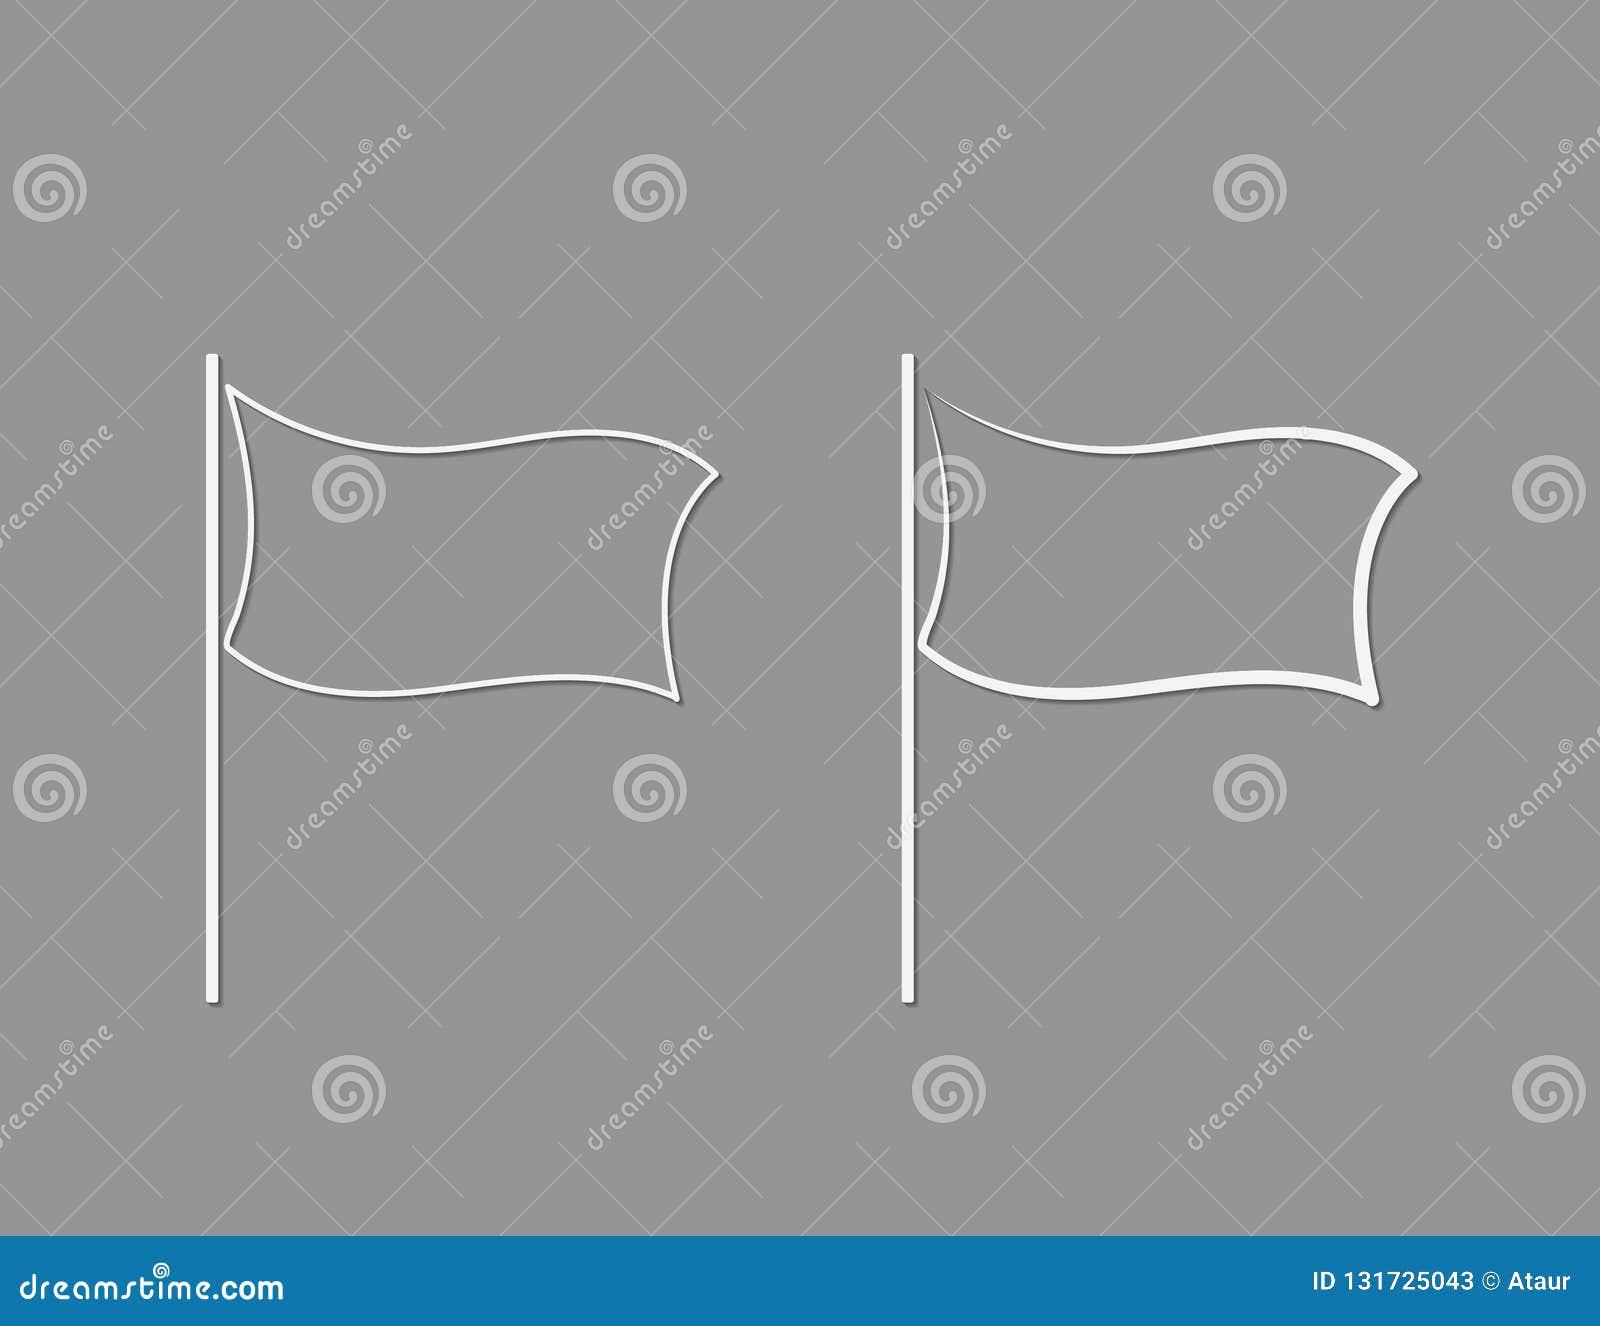 Bandeiras brancas da cor com linhas simples para projetos e ponteiros na ilustração preta do vetor do fundo